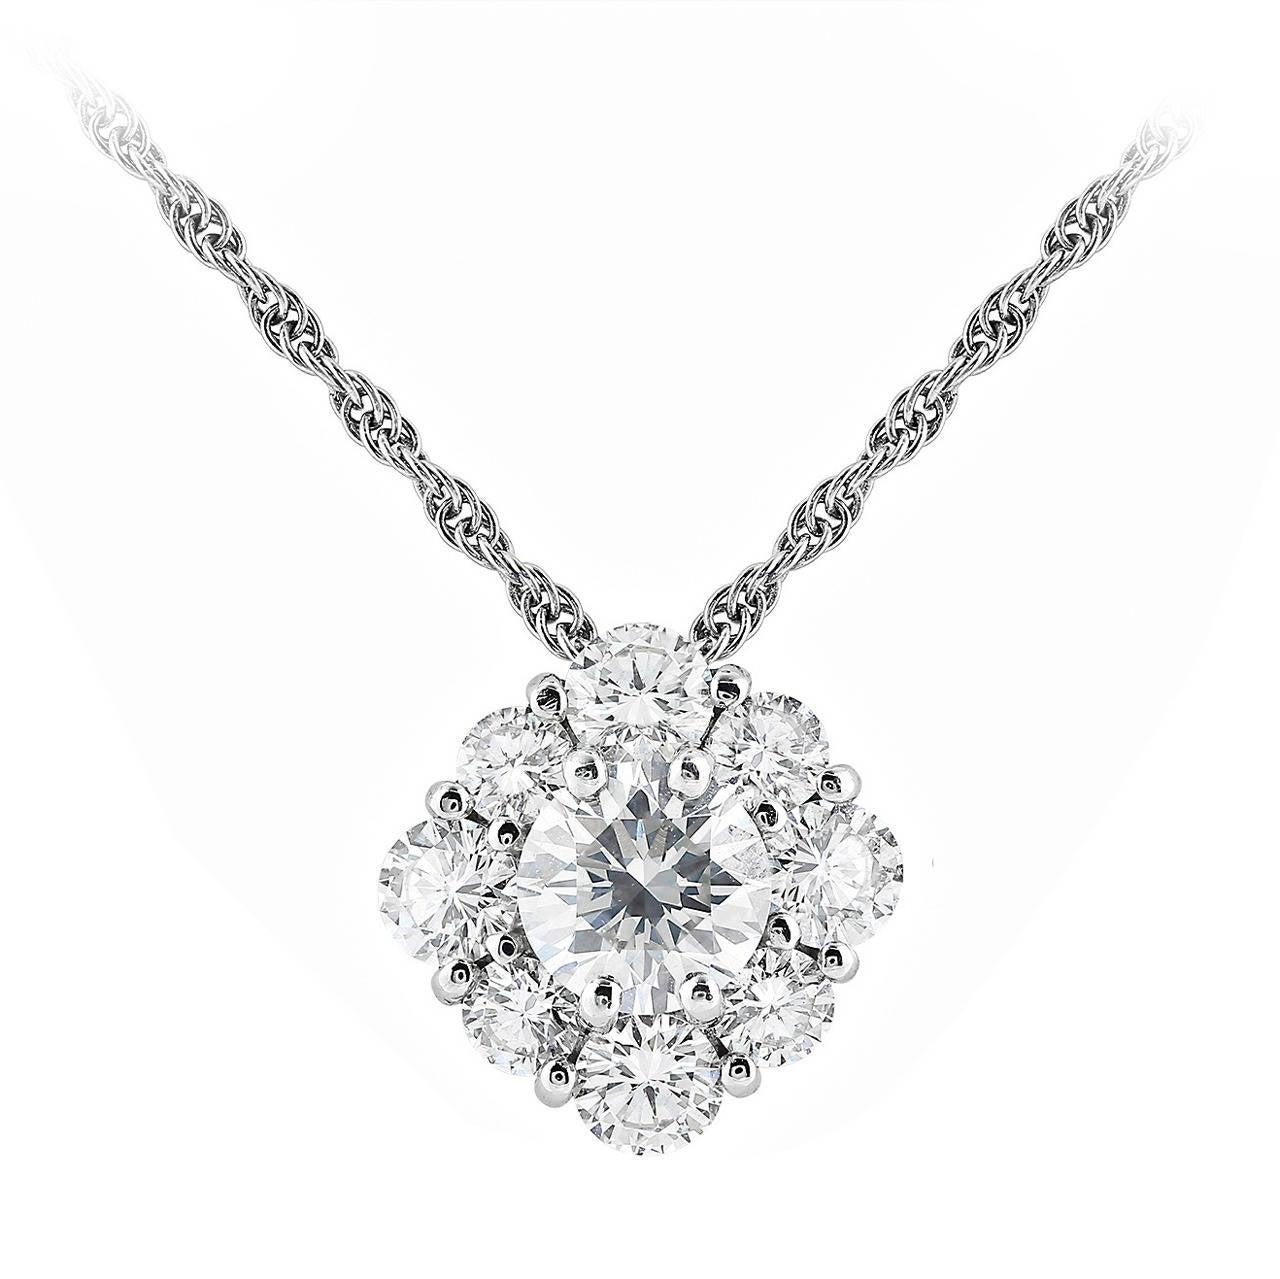 1.64 Carat Diamond Cluster Pendant 1